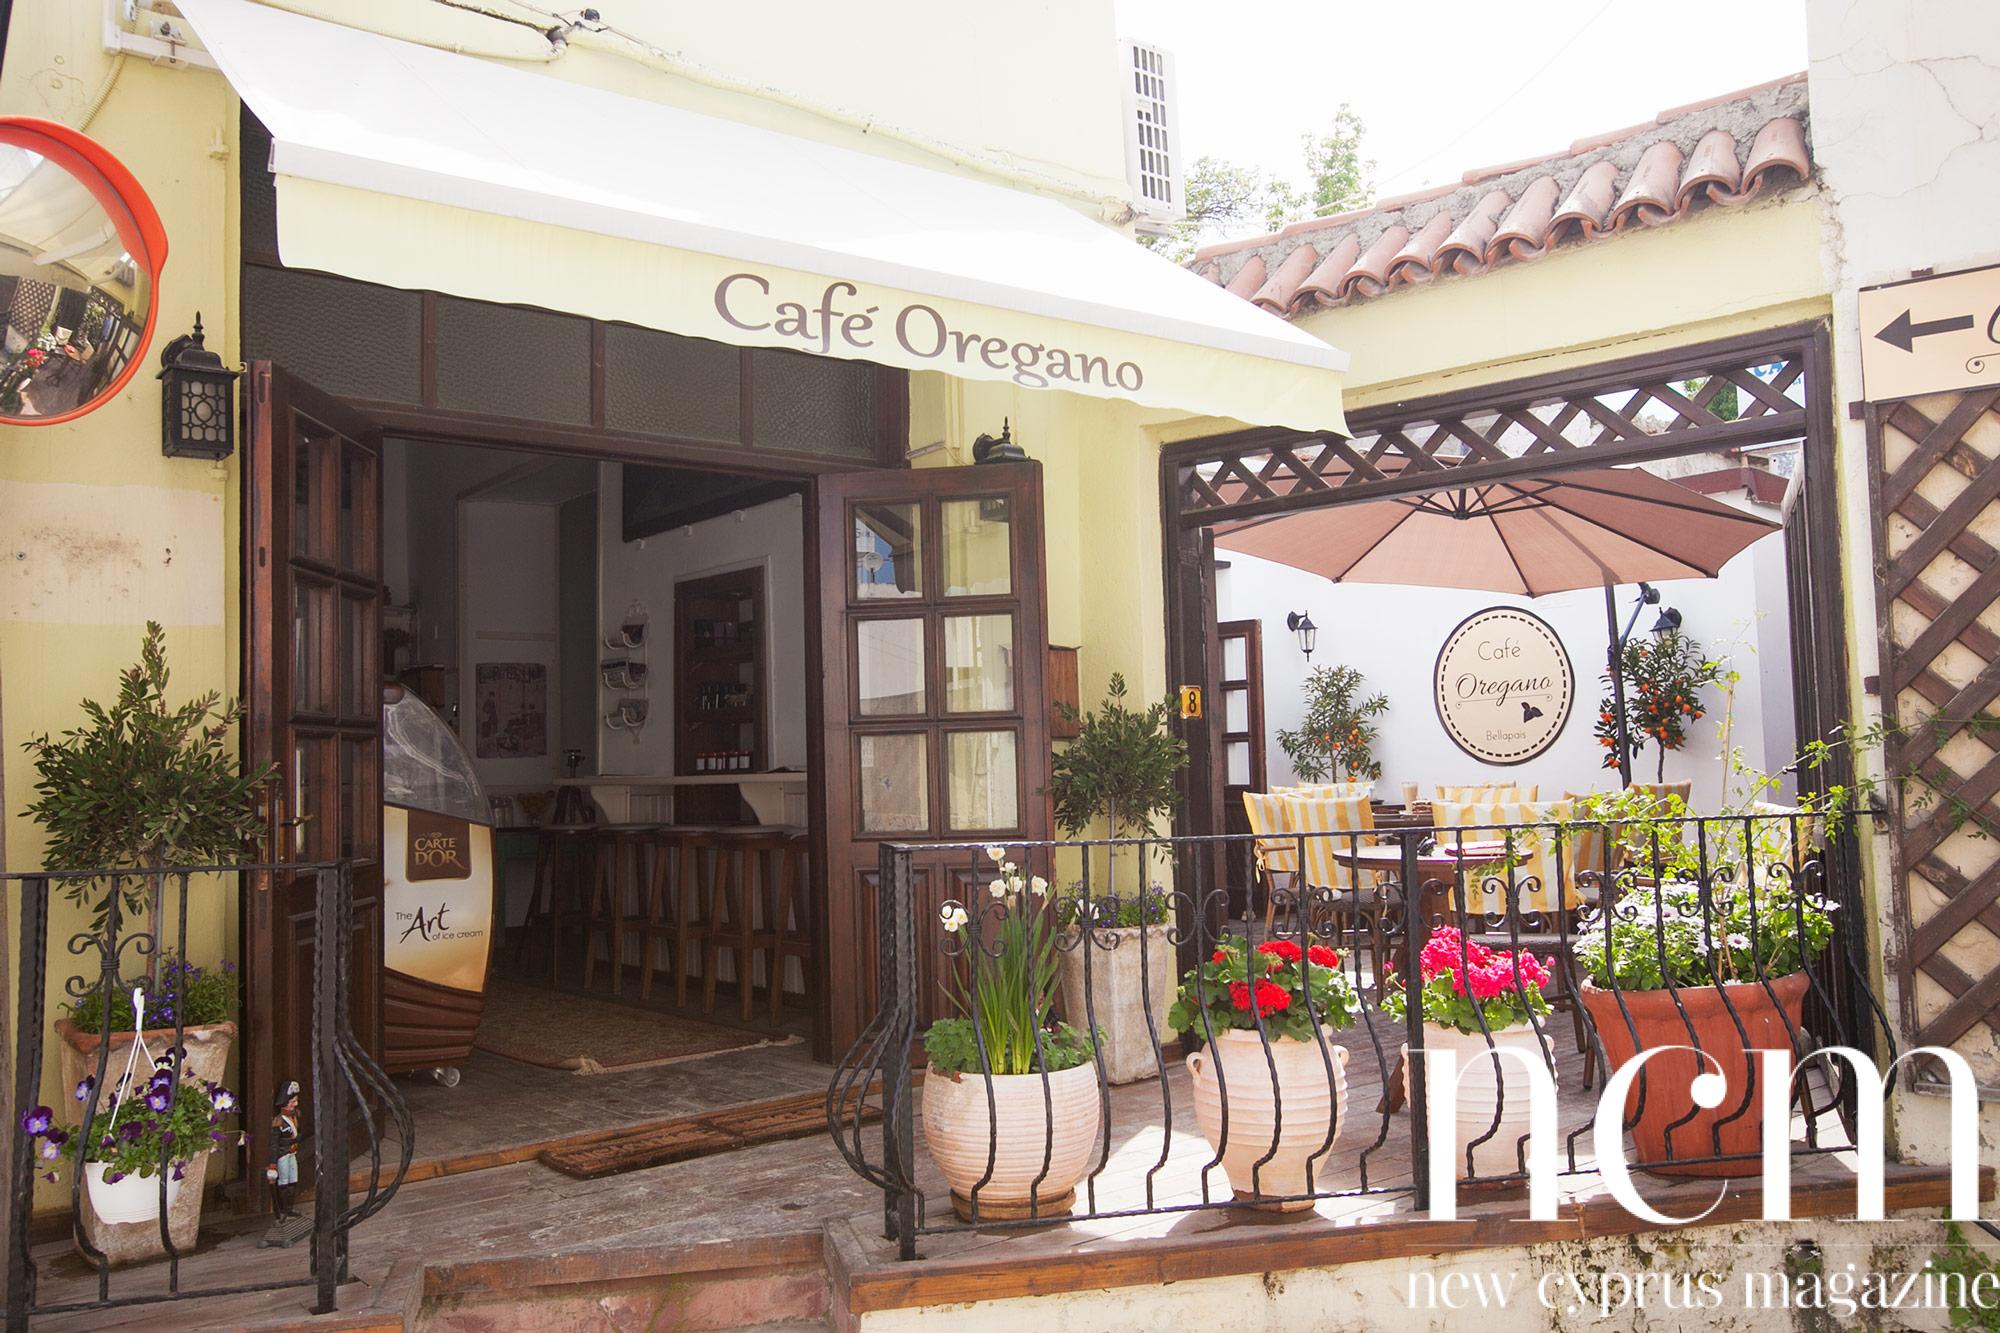 Café Oregano Bellapais, North Cyprus